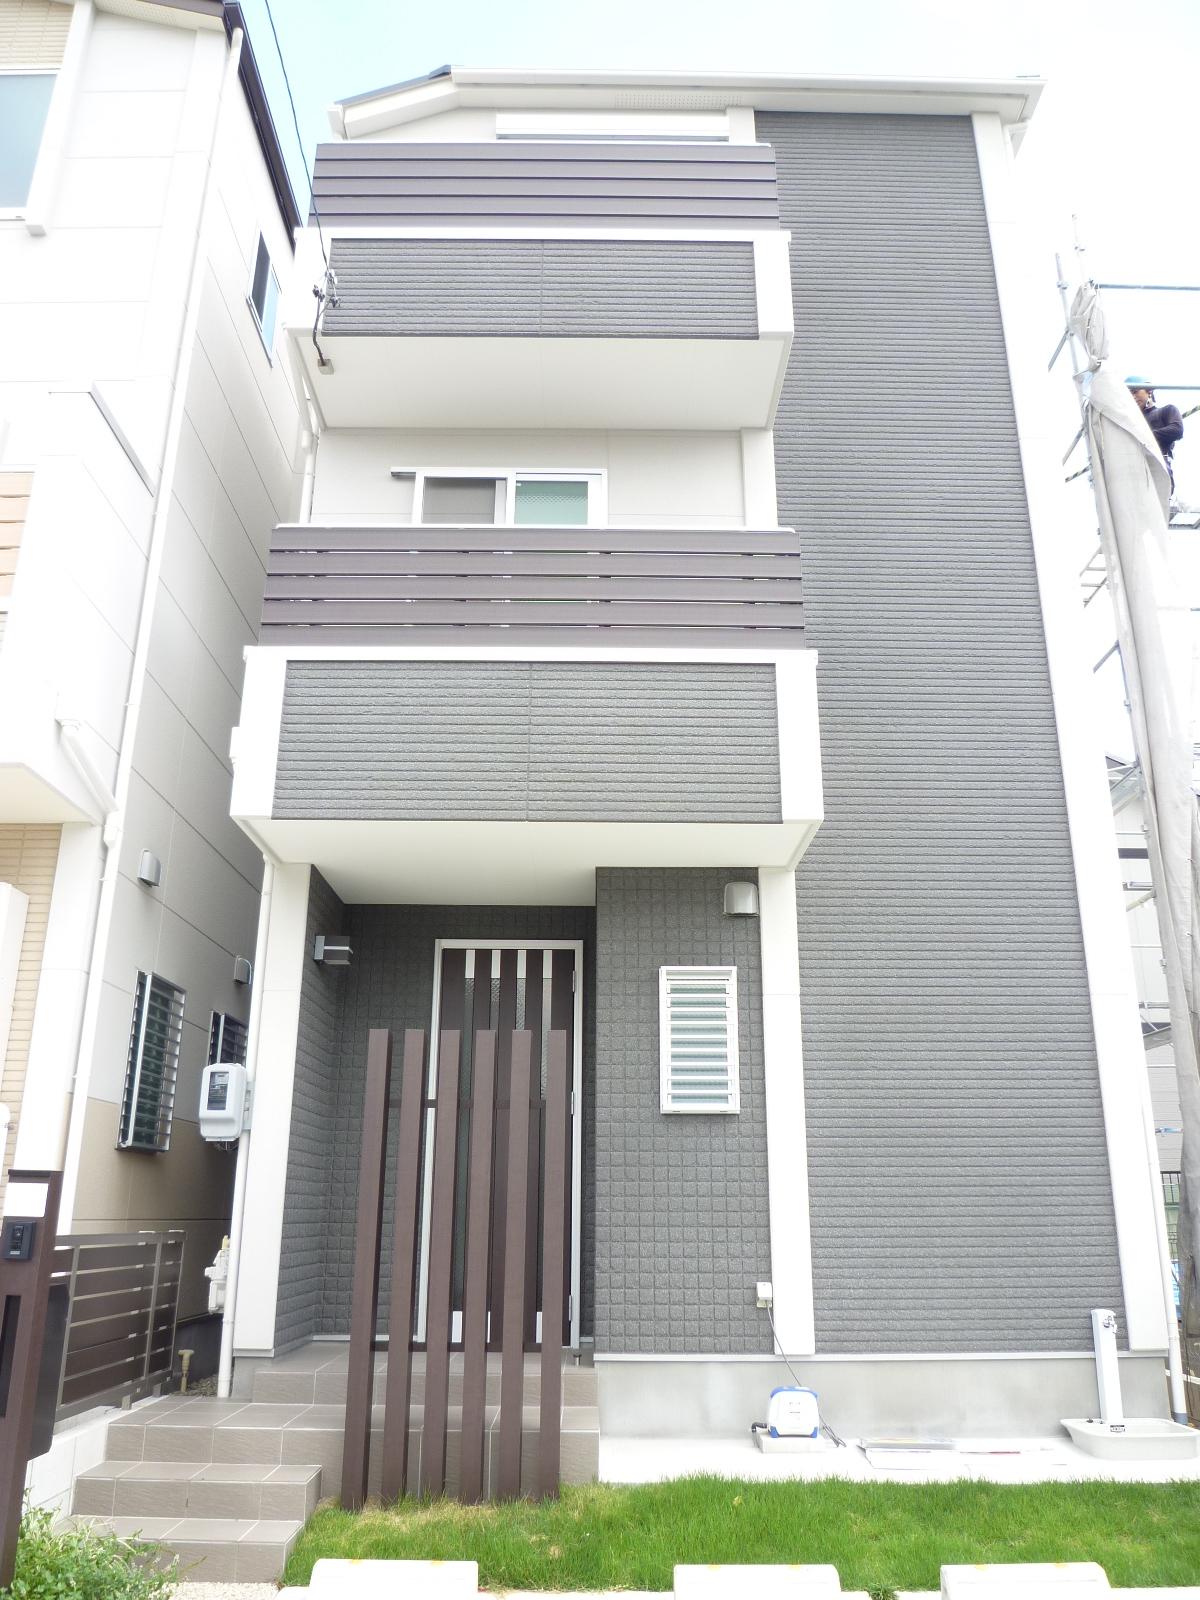 南入り 4LDK 33.56坪 木造3階建て 間口5750mm